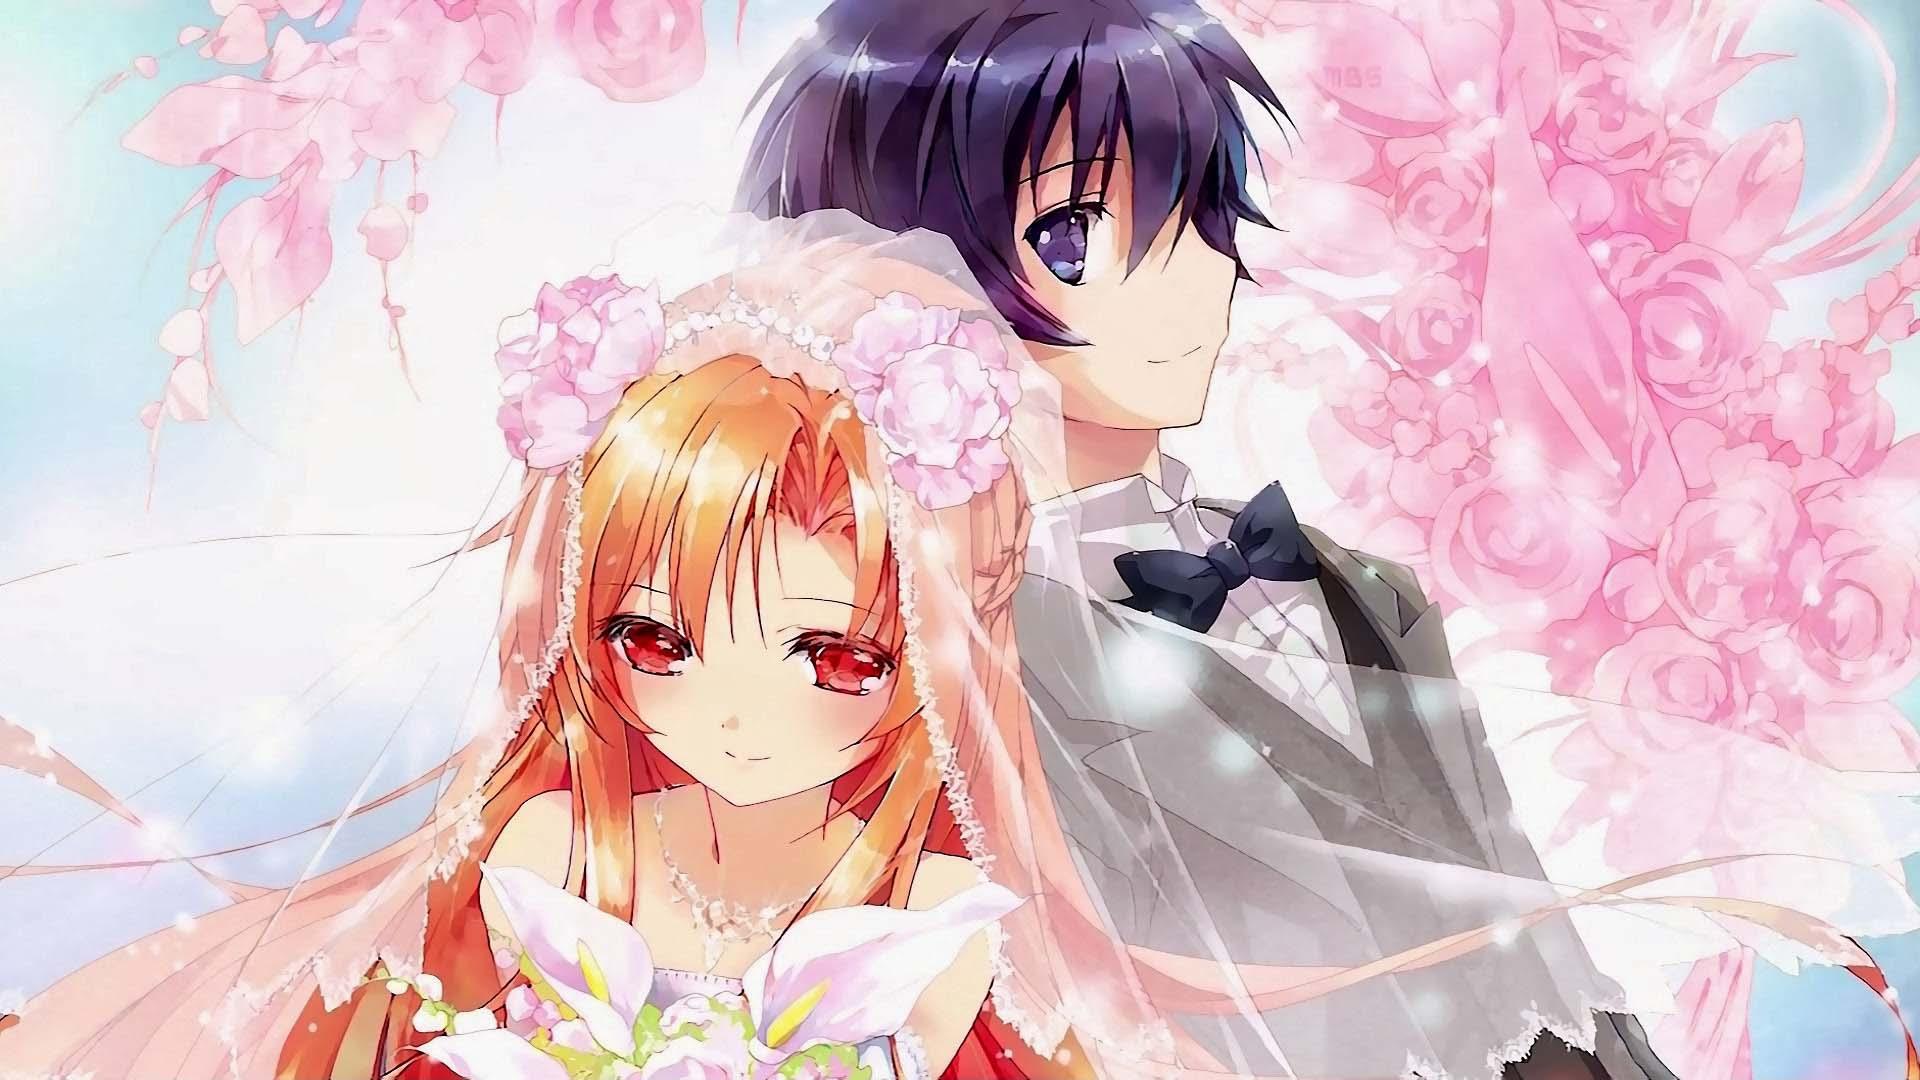 Hình ảnh cưới anime đẹp